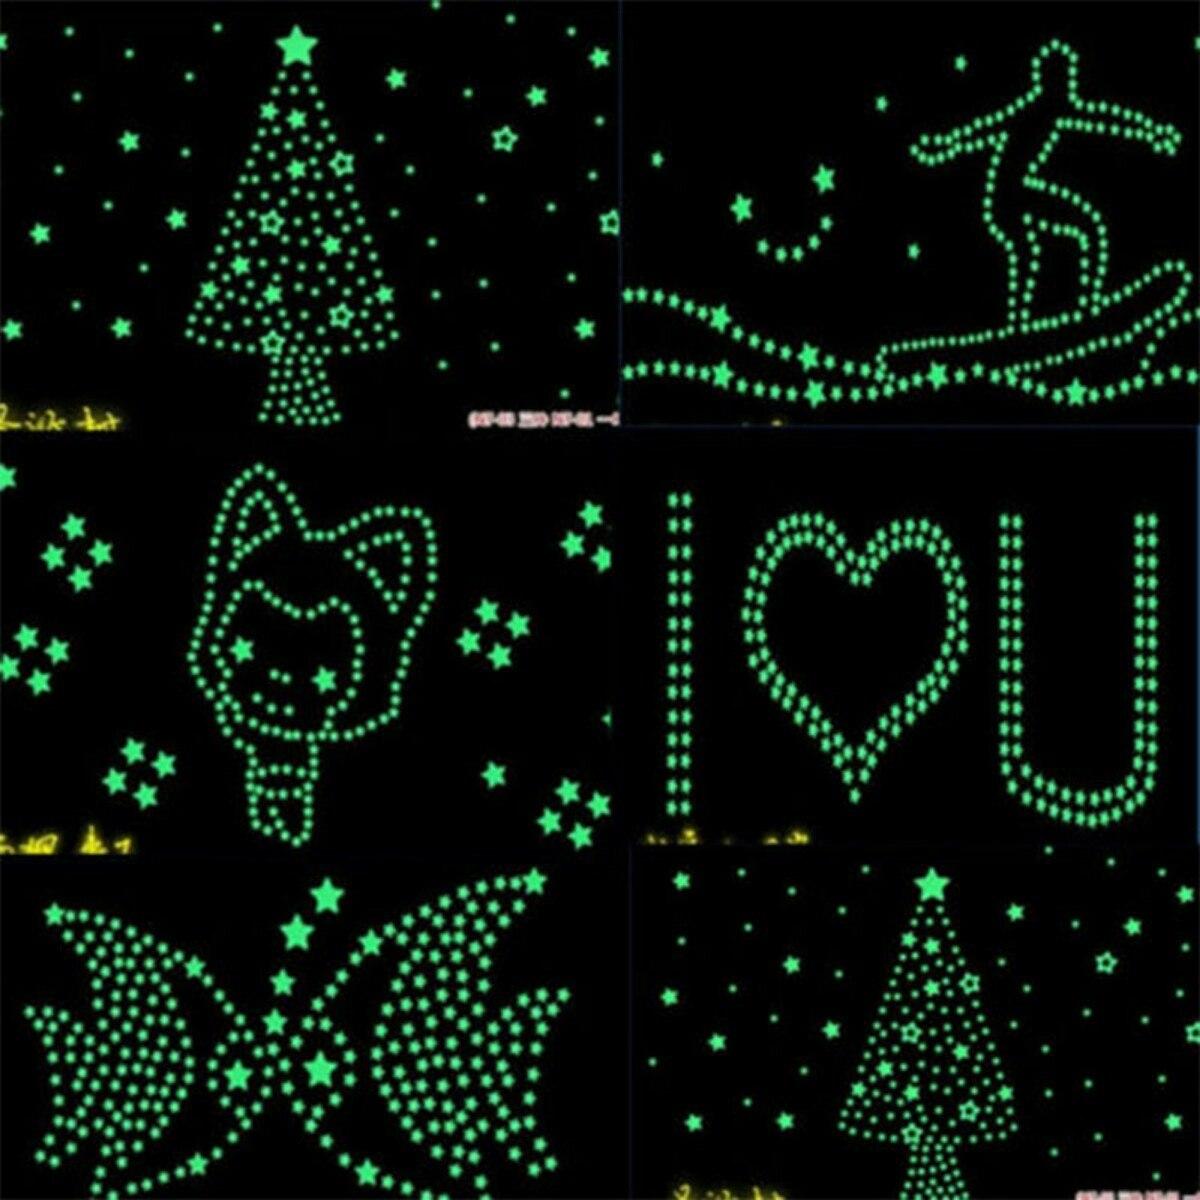 100 estrelas fluorecentes teto parede que brilham no escuro r 19 90 em mercado livre - Leuchtende wandtattoos ...